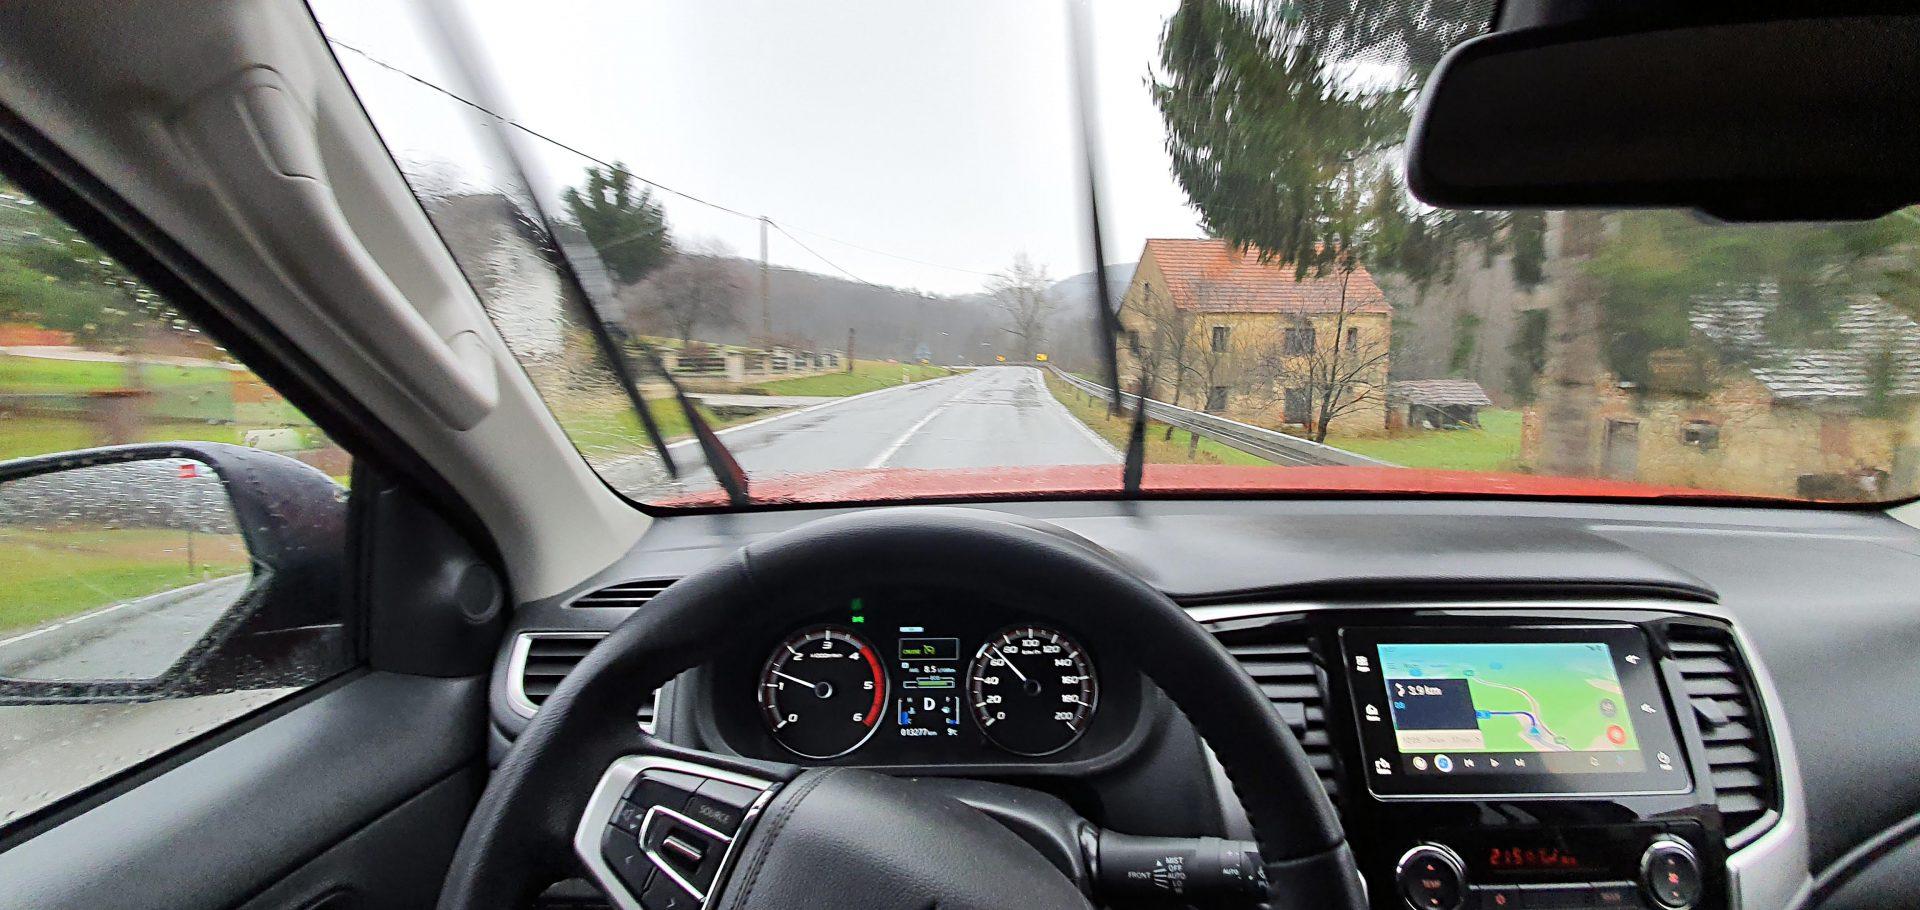 Ako ne prevozi teret, vožnja Mitsubishijem L200 zabavna je u svim vremenskim uvjetima